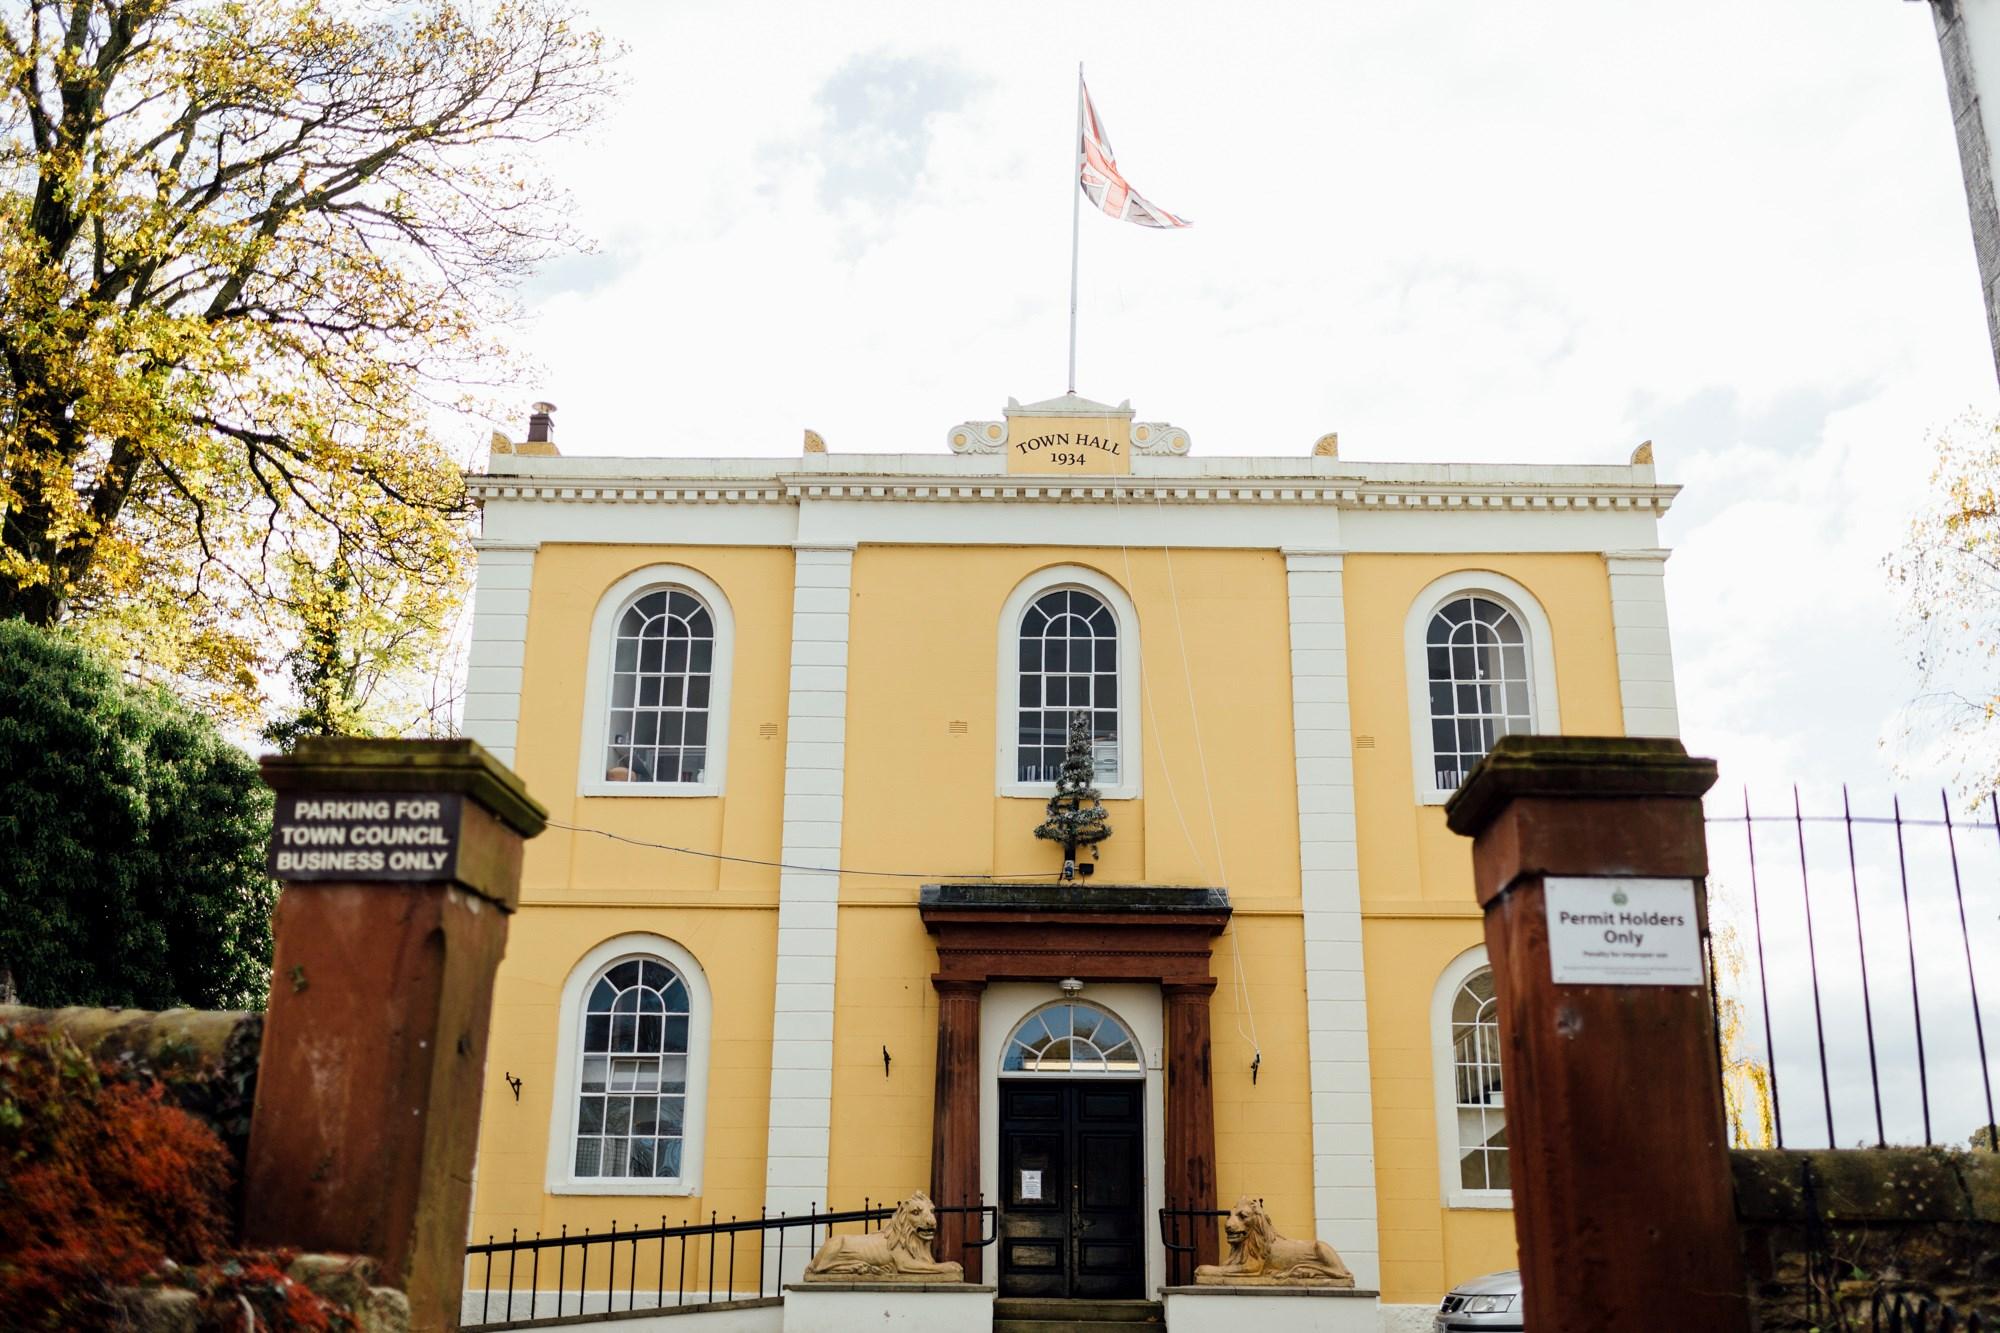 Cockermouth Town Hall